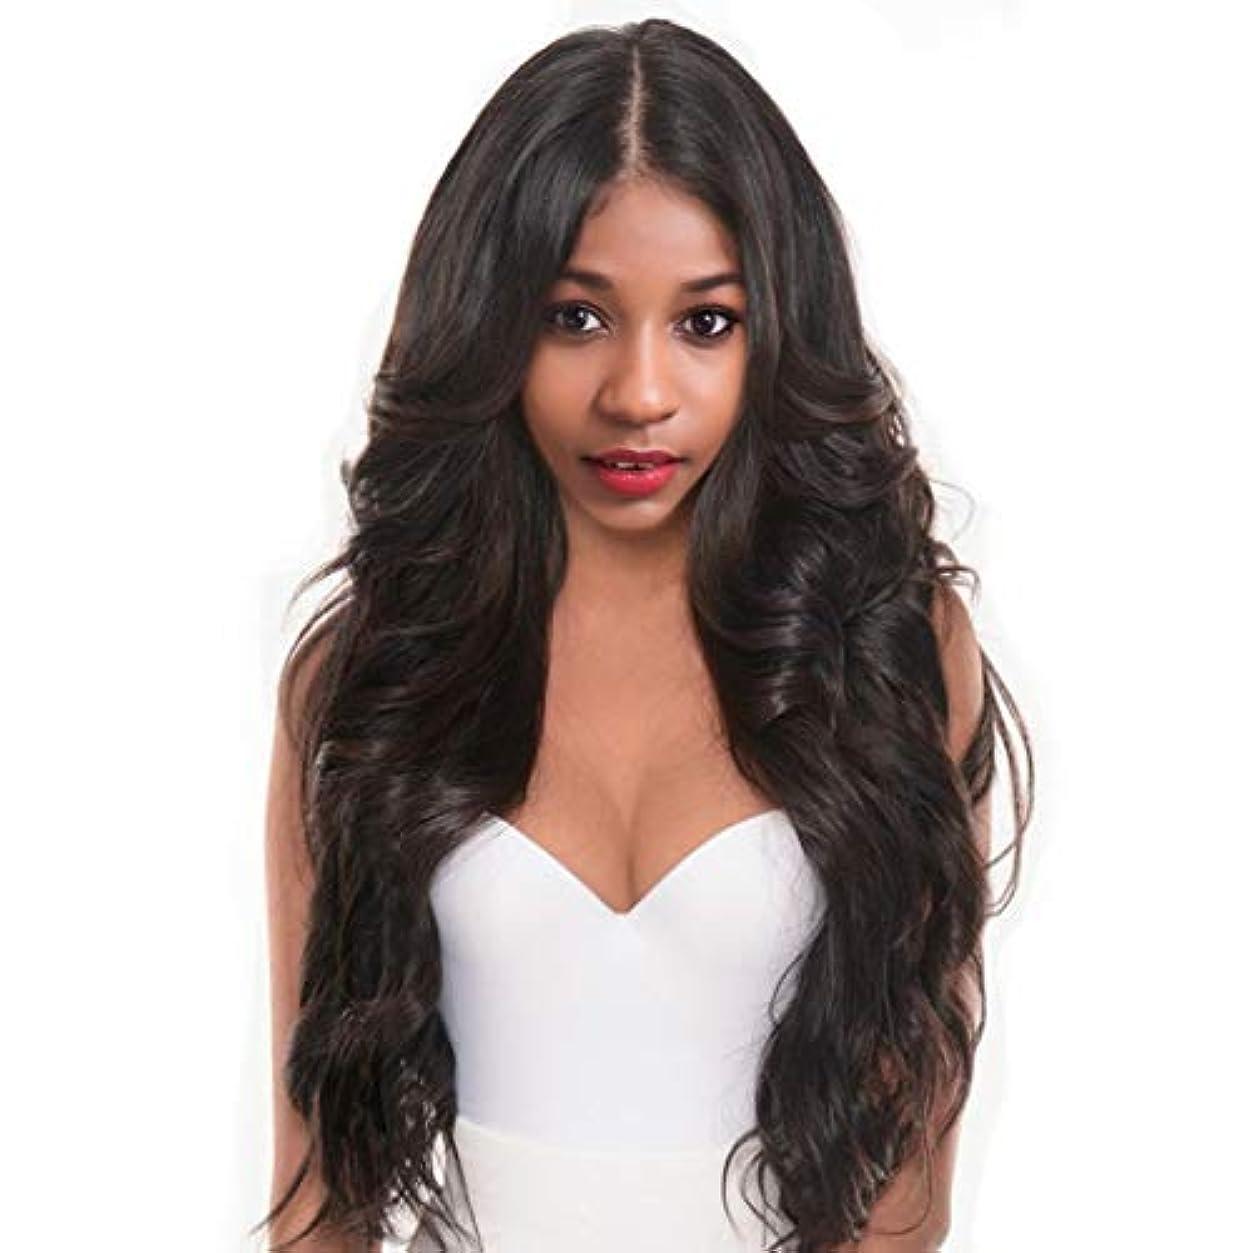 知覚的紛争支店Kerwinner ヘアウィッグボディ波状巻き毛100%カネカロン毛繊維合成毛髪かつら女性